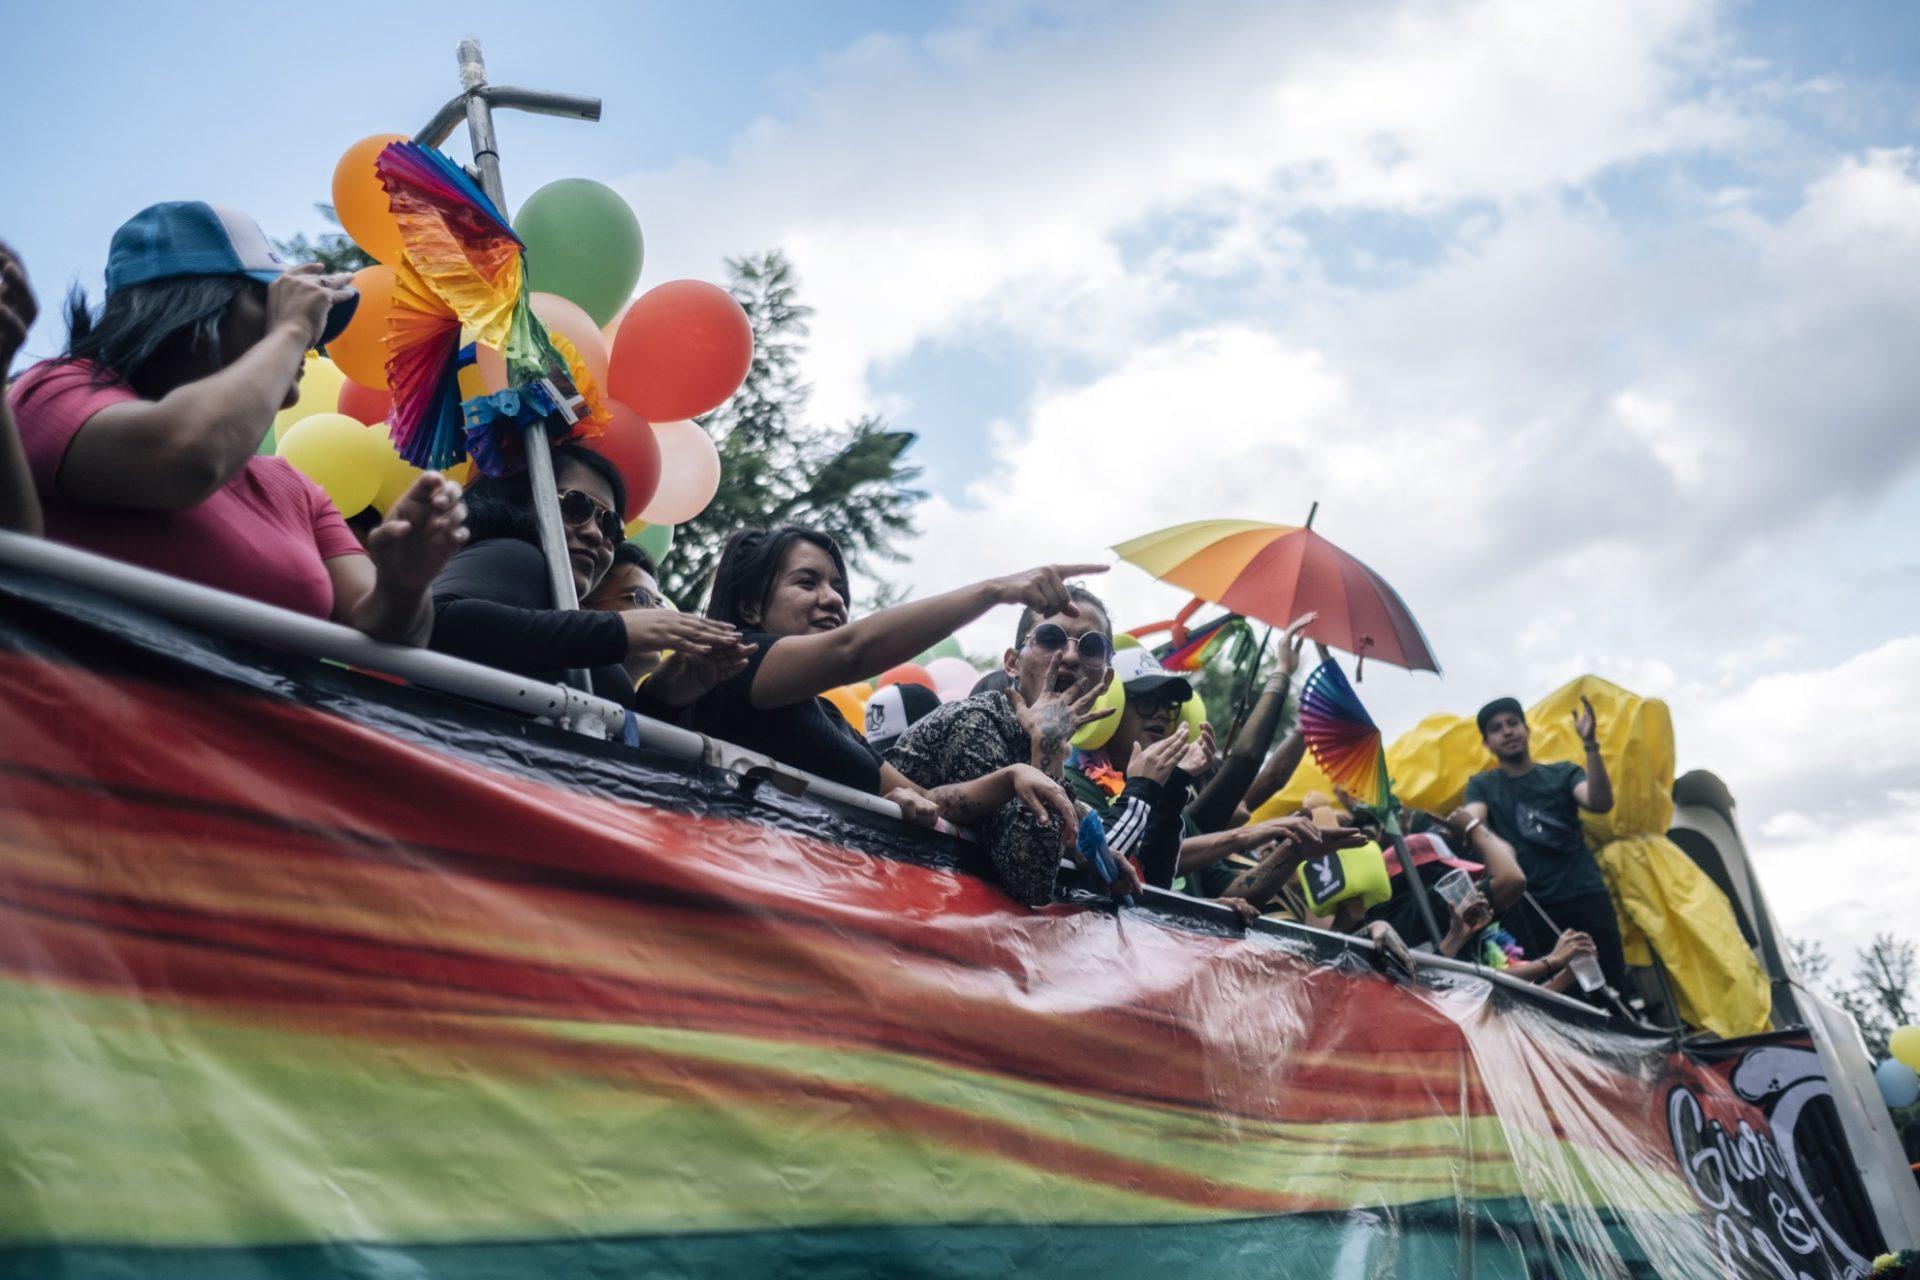 Gay pryde 2019 Mexico @laurentparienti-5